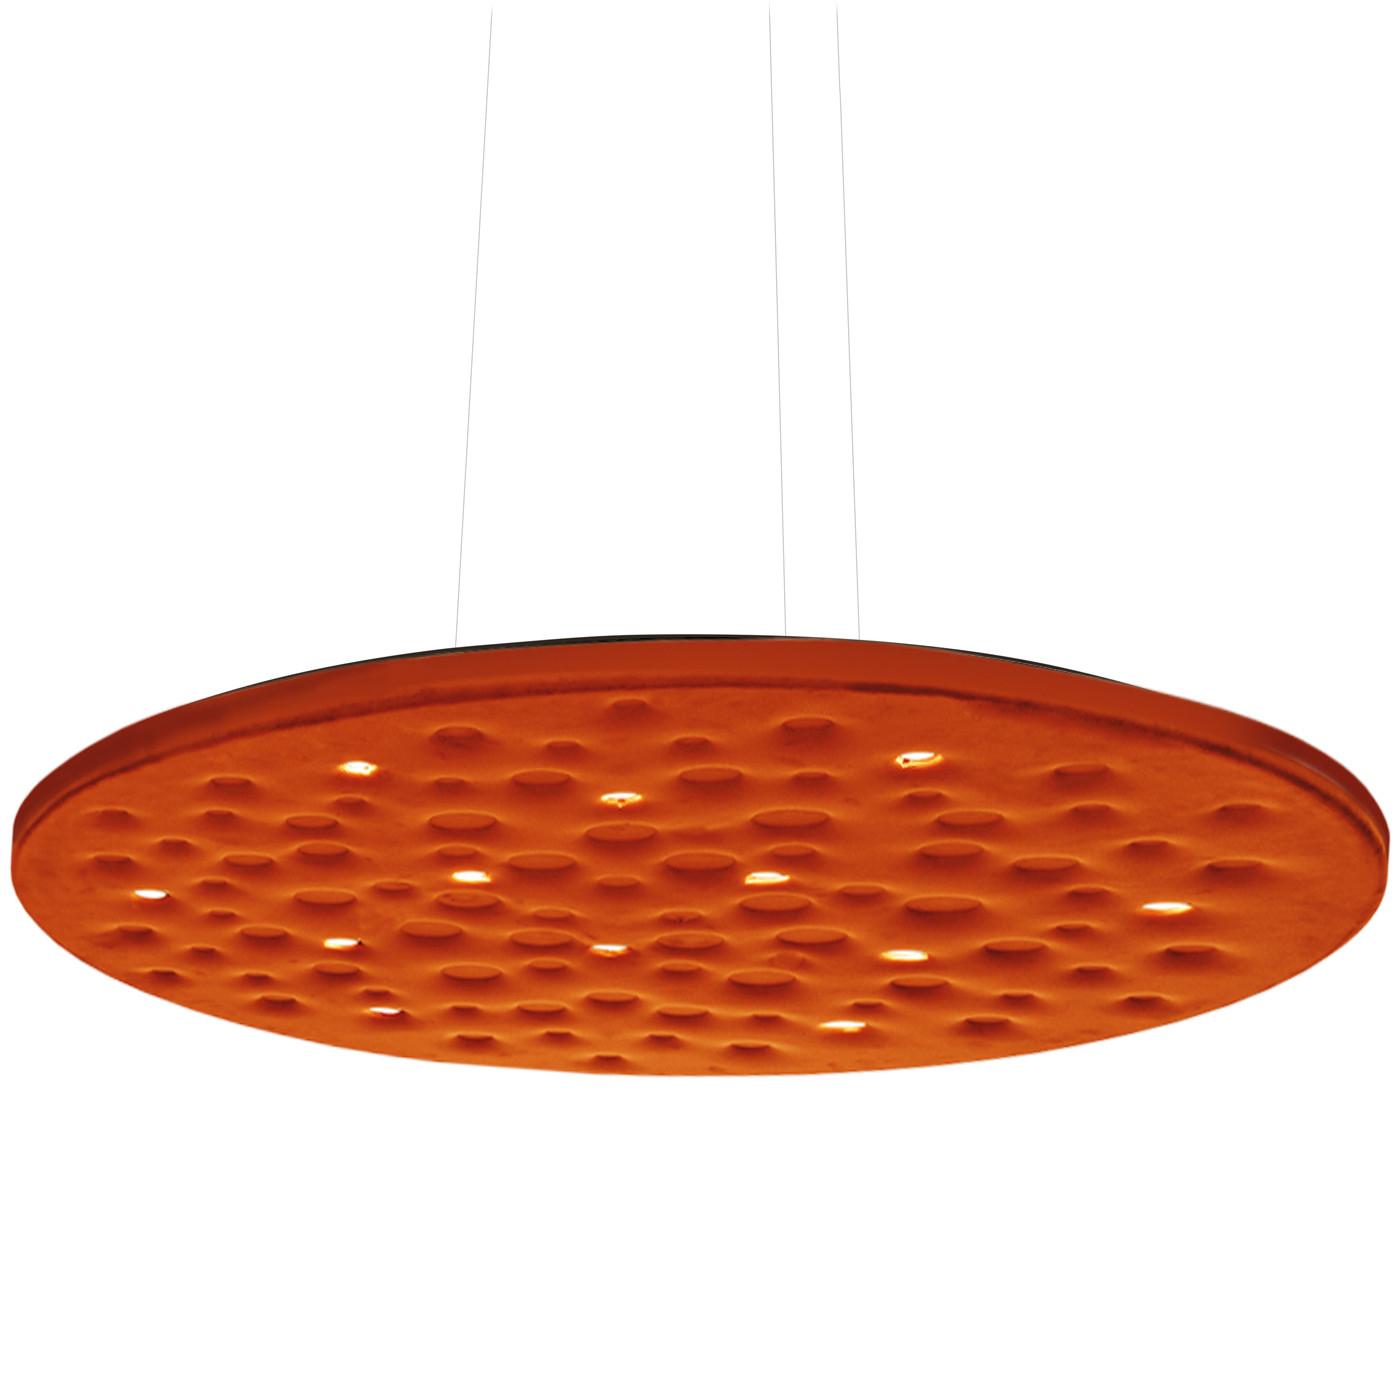 Artemide Silent Field 2.0 Sospensione LED